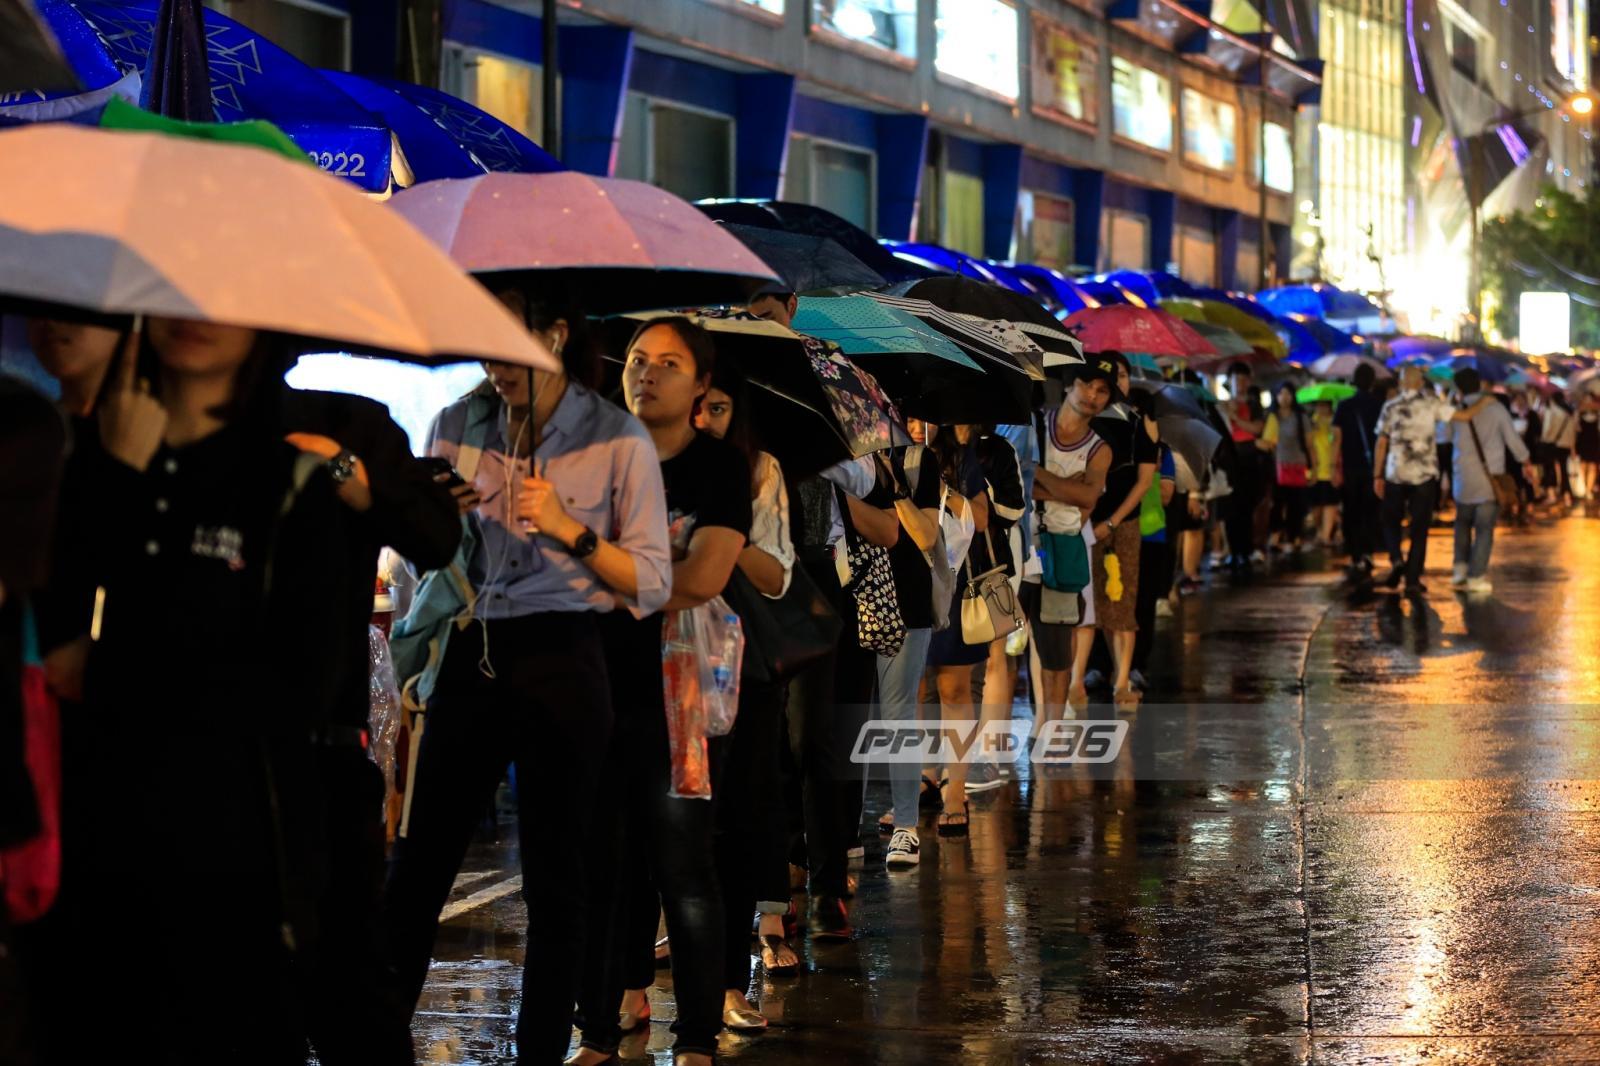 อุตุฯ เตือนทั่วไทยฝนตกต่อเนื่อง มีฝนร้อยละ 40-70 ของพื้นที่